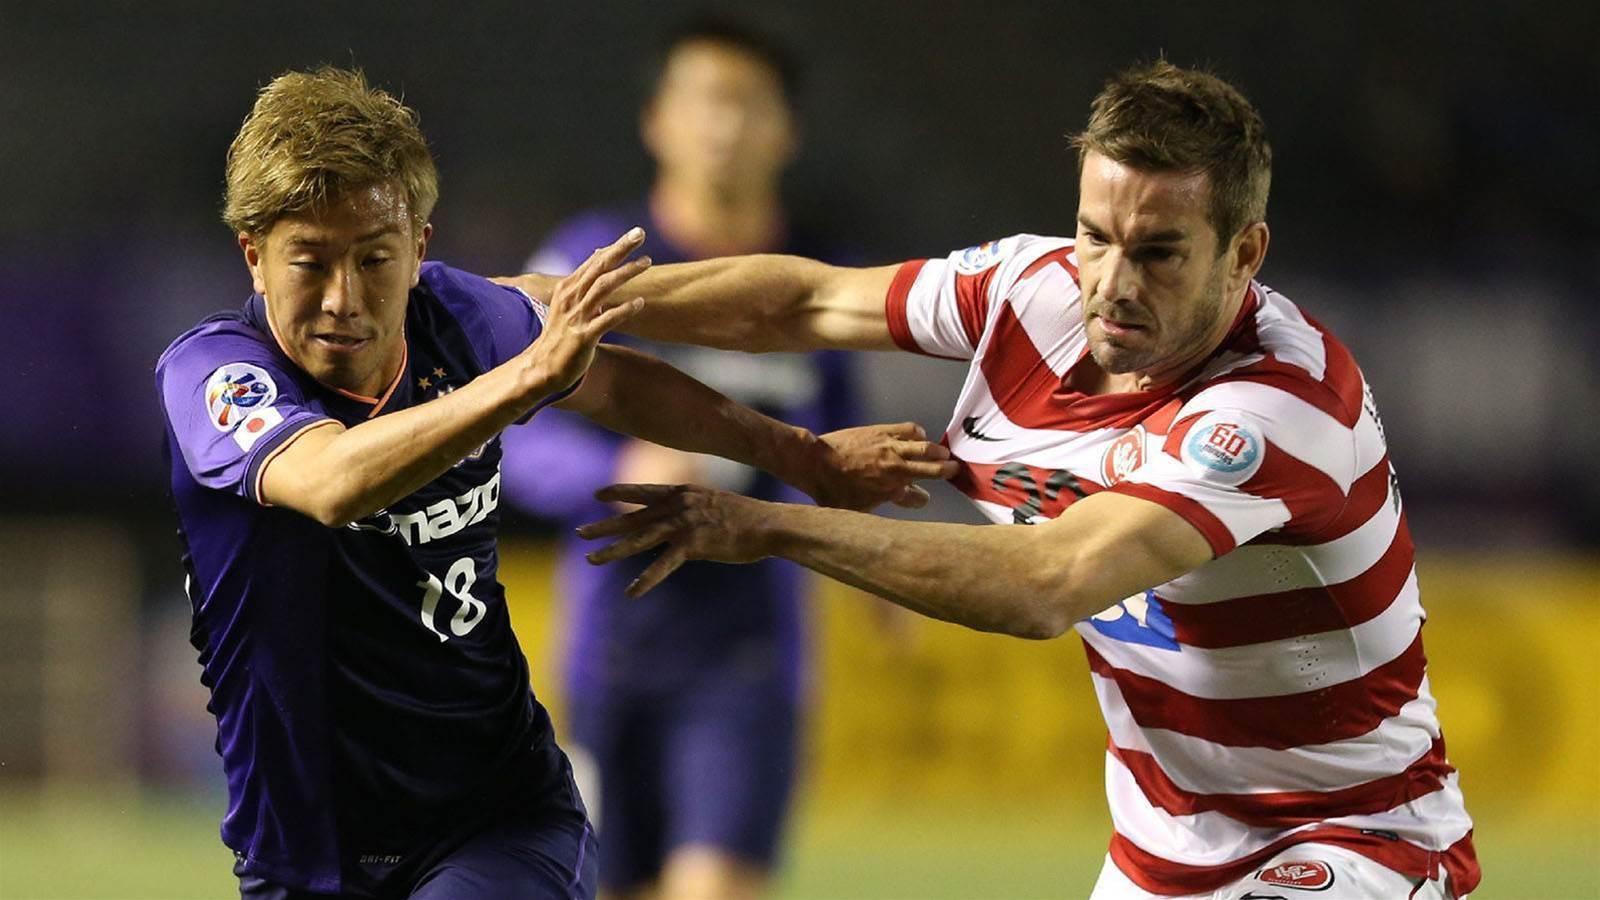 Dean Heffernan returns to Western Sydney Wanderers